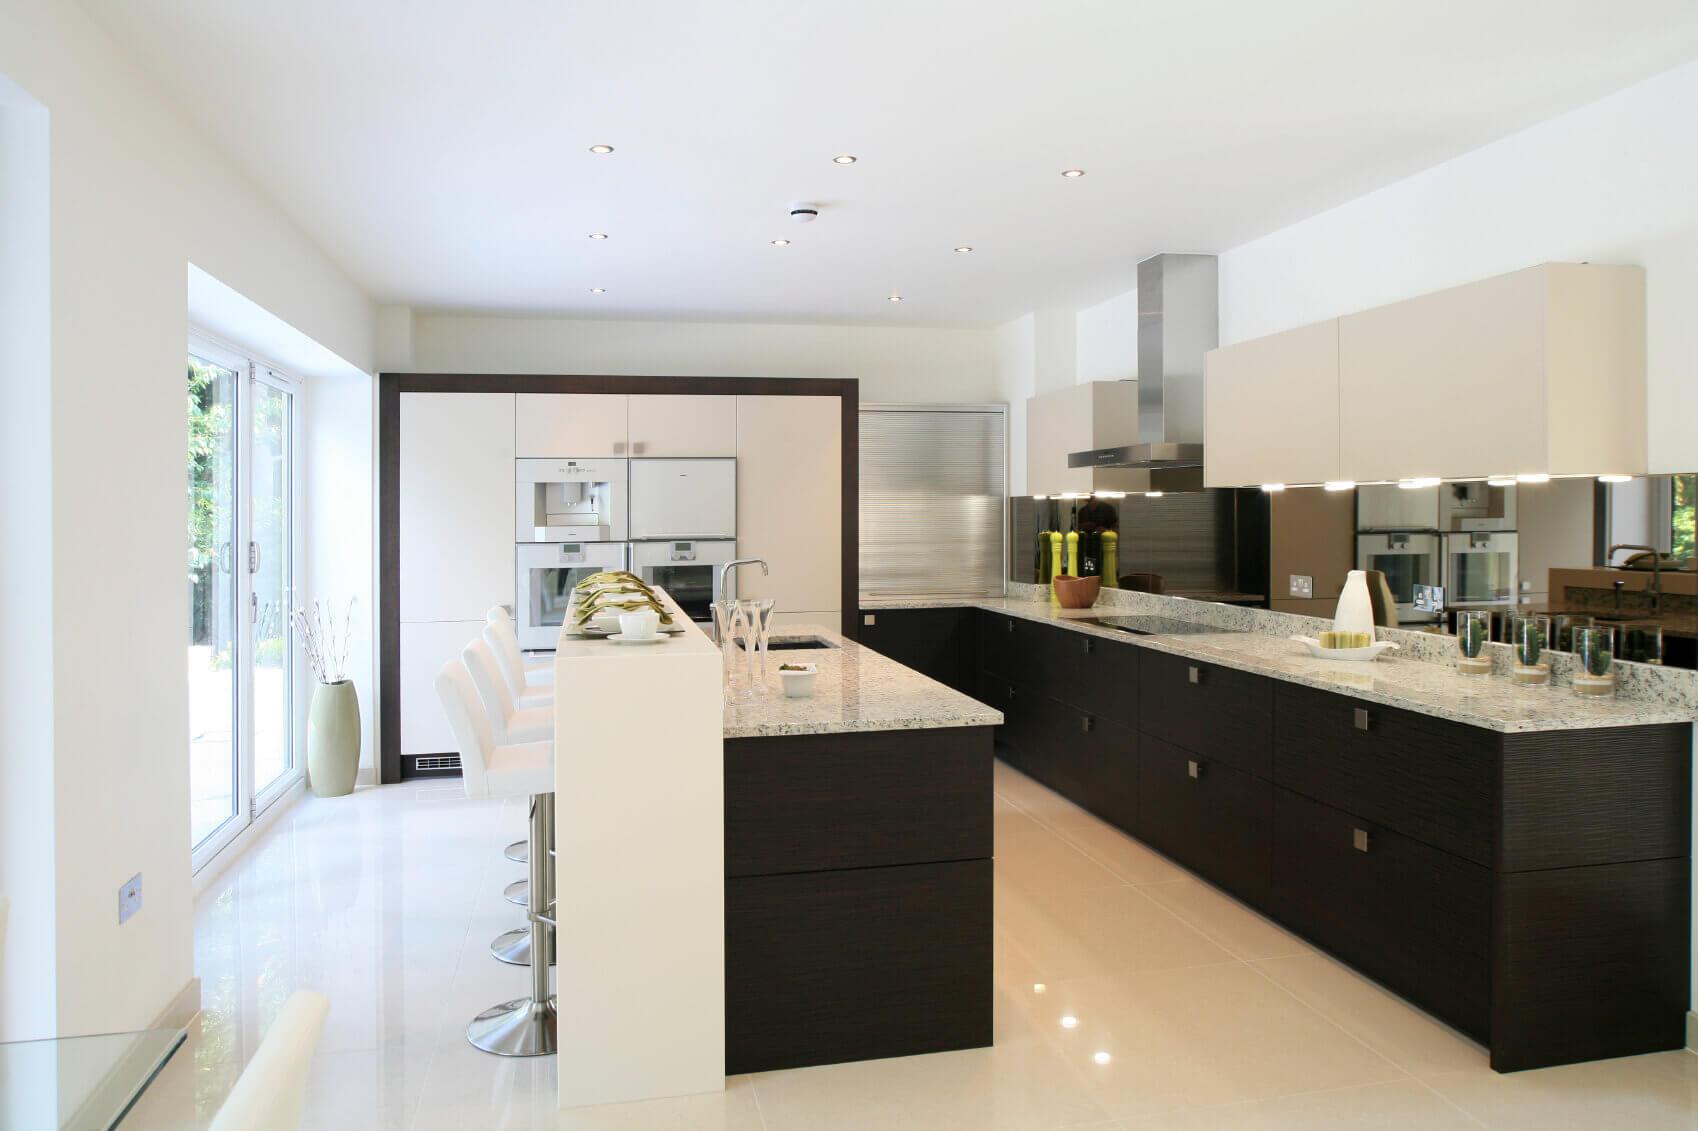 Contemporary Black and White Kitchen Design